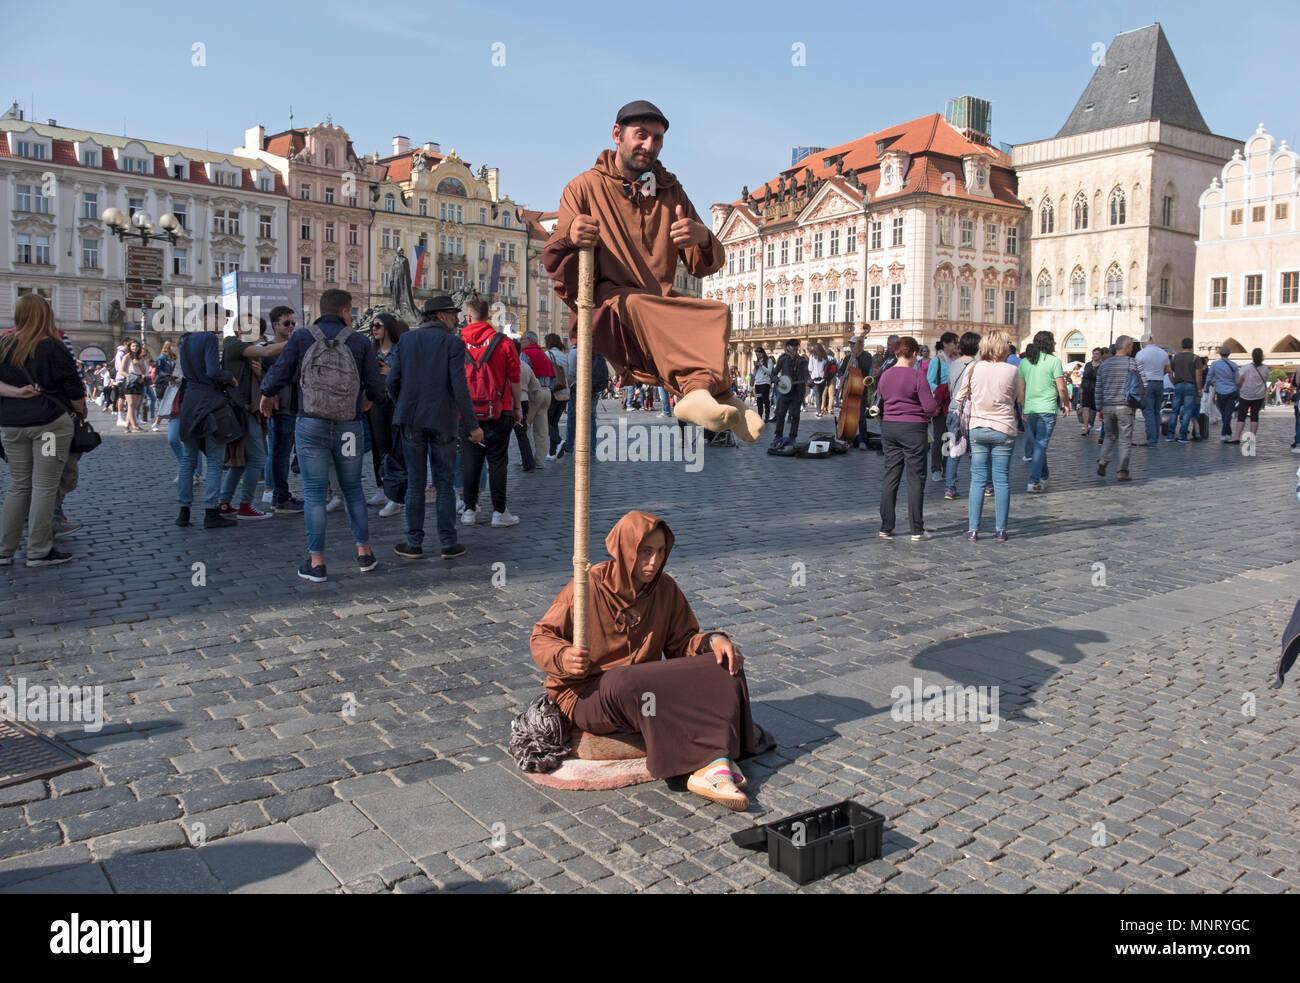 Czech doing